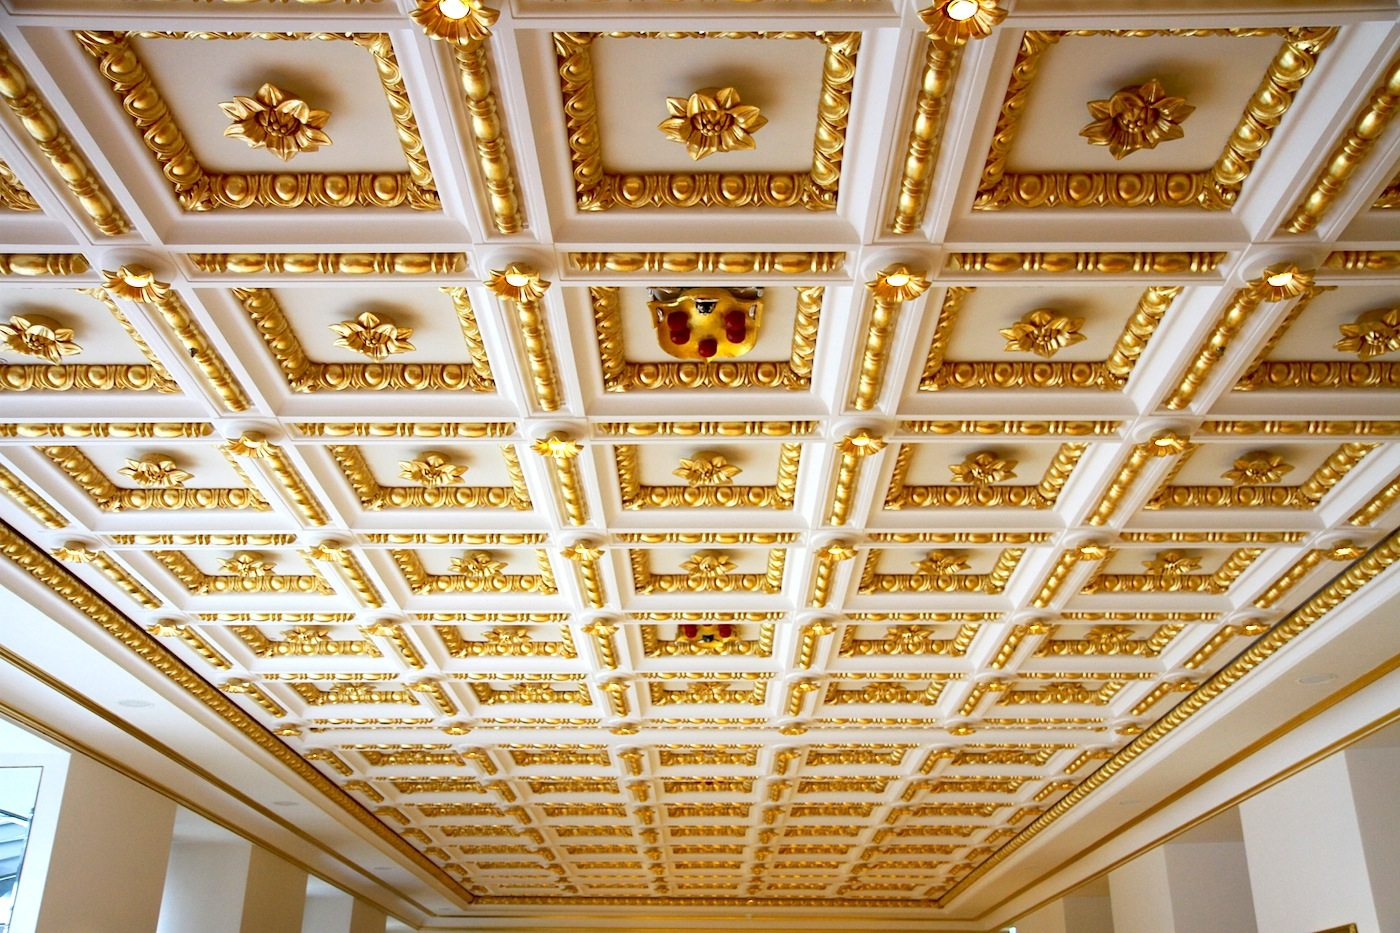 Derag Livinghotel De Medici. Die Kassettendecke ist eine originalgetreue Nachbildung der Decke in der Basilica di San Lorenzo in Florenz.